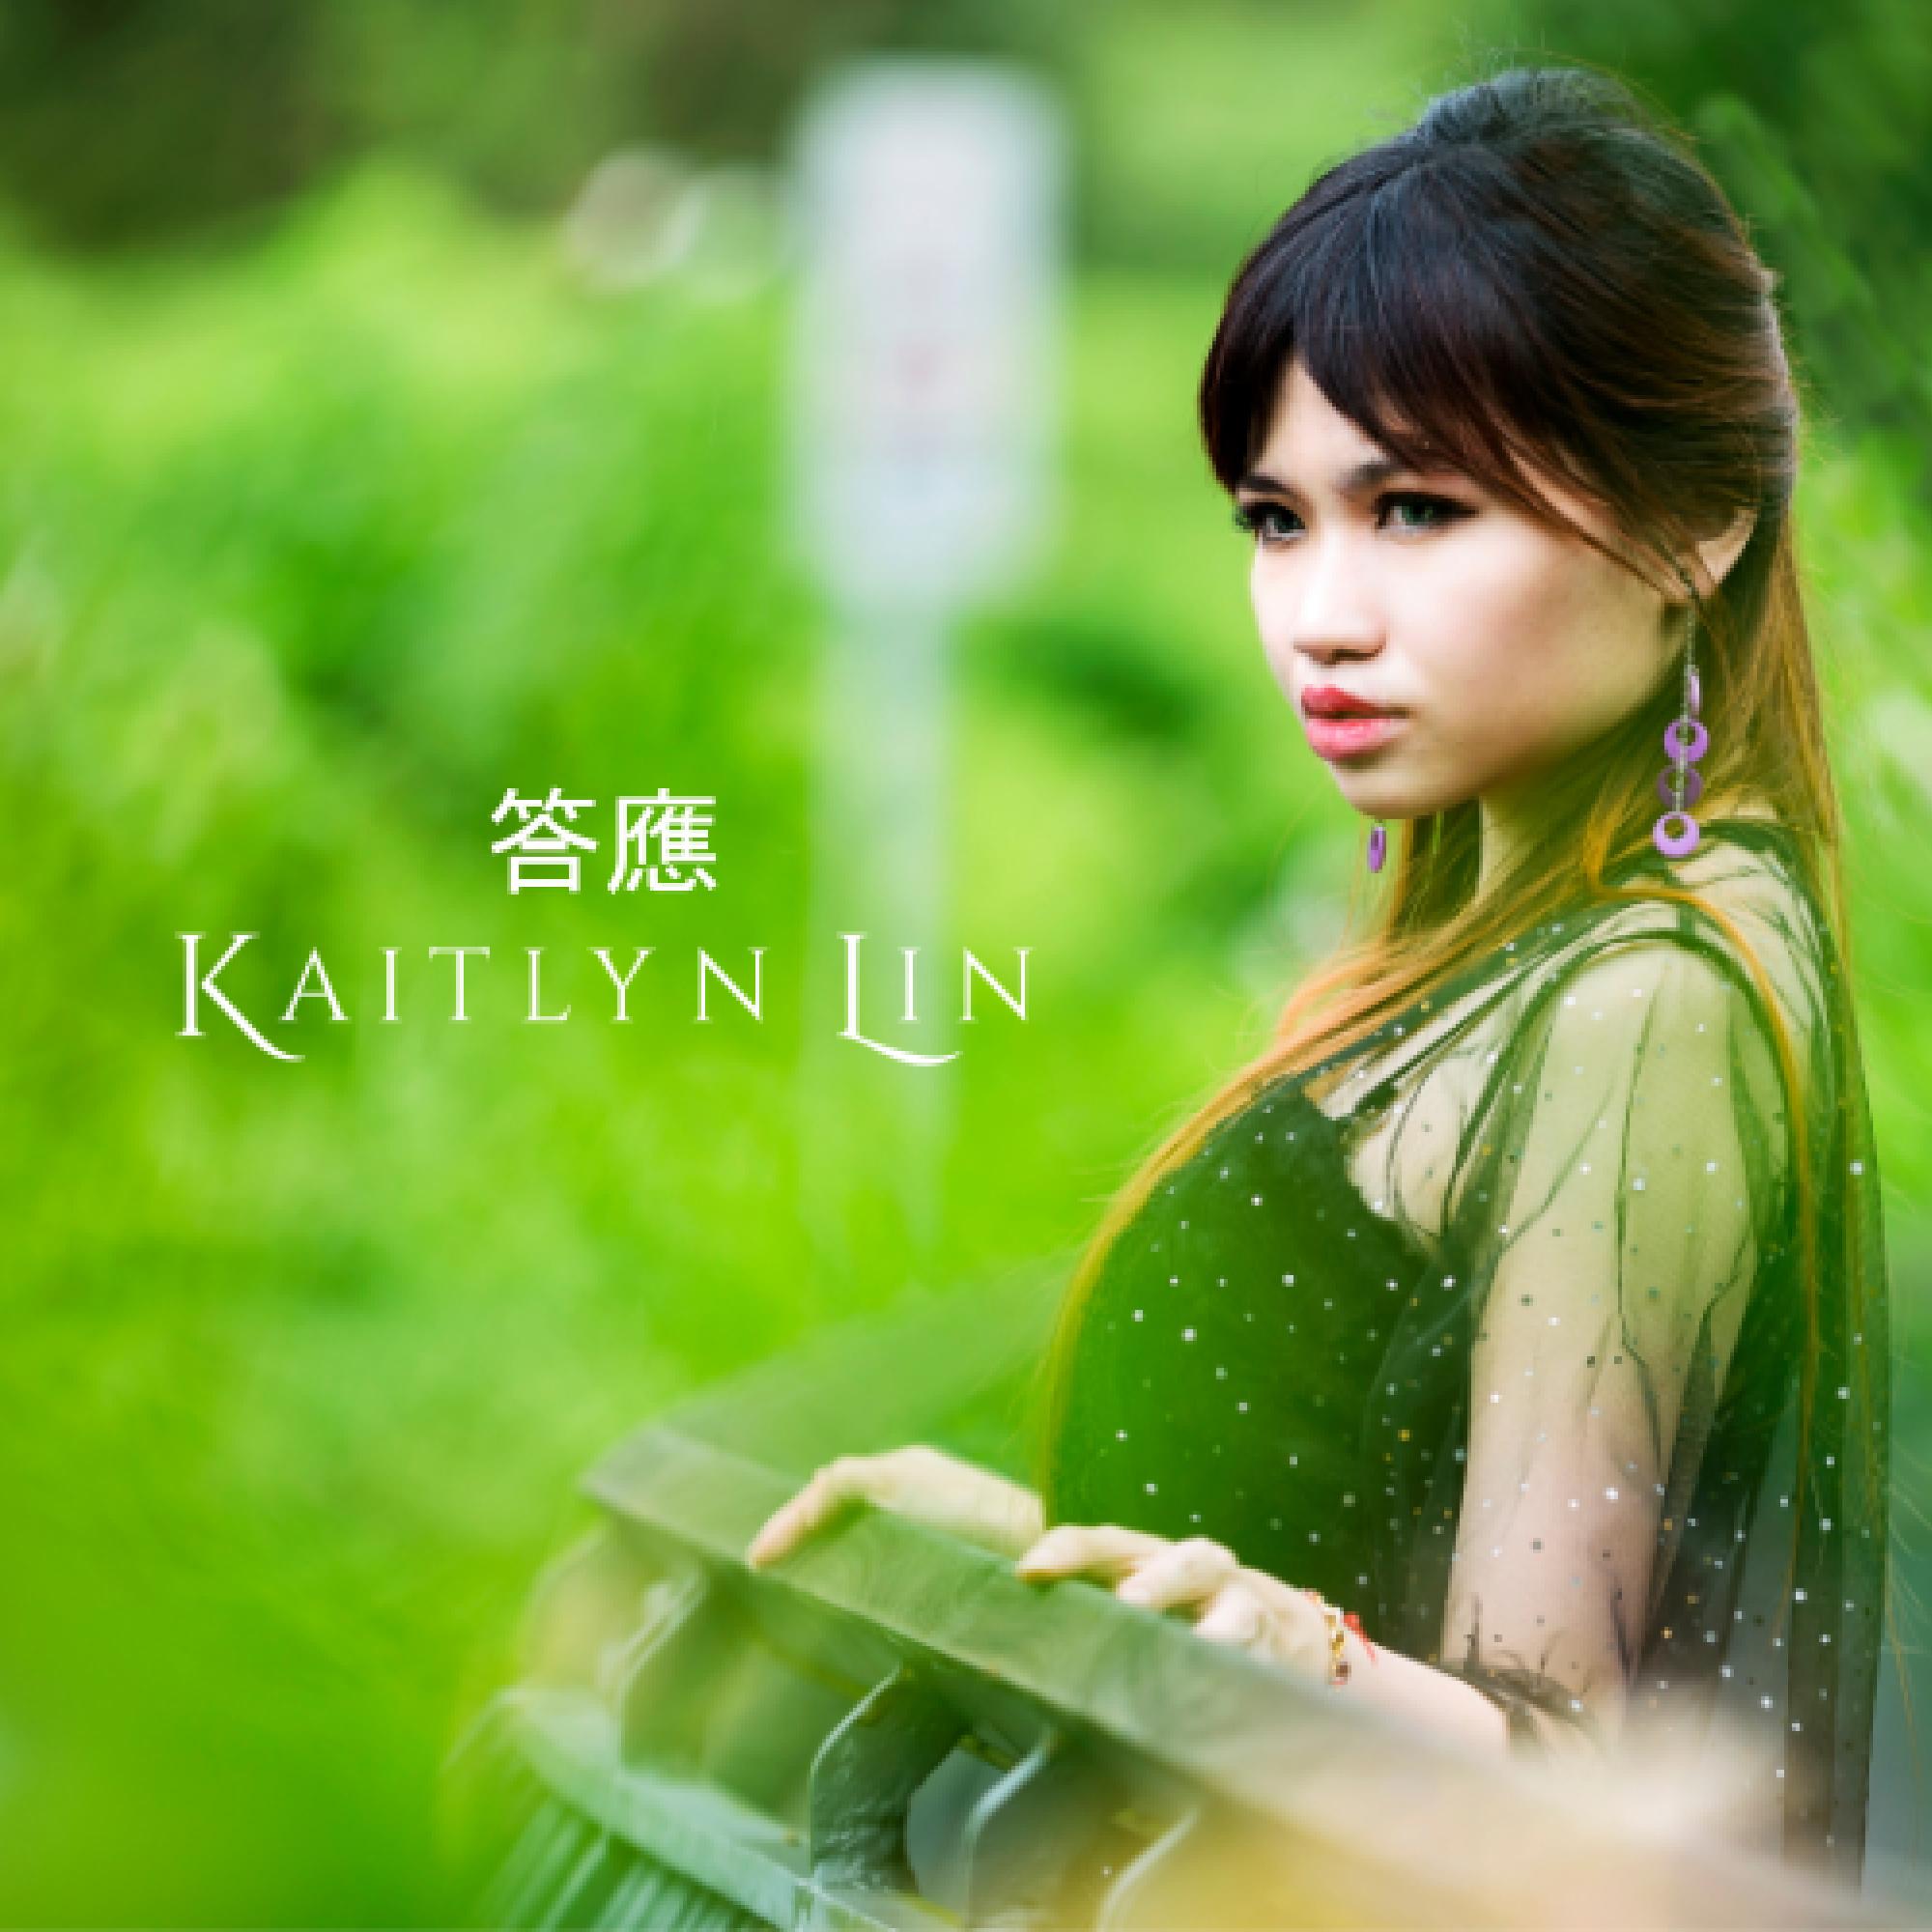 01 Kaitlyn Lin